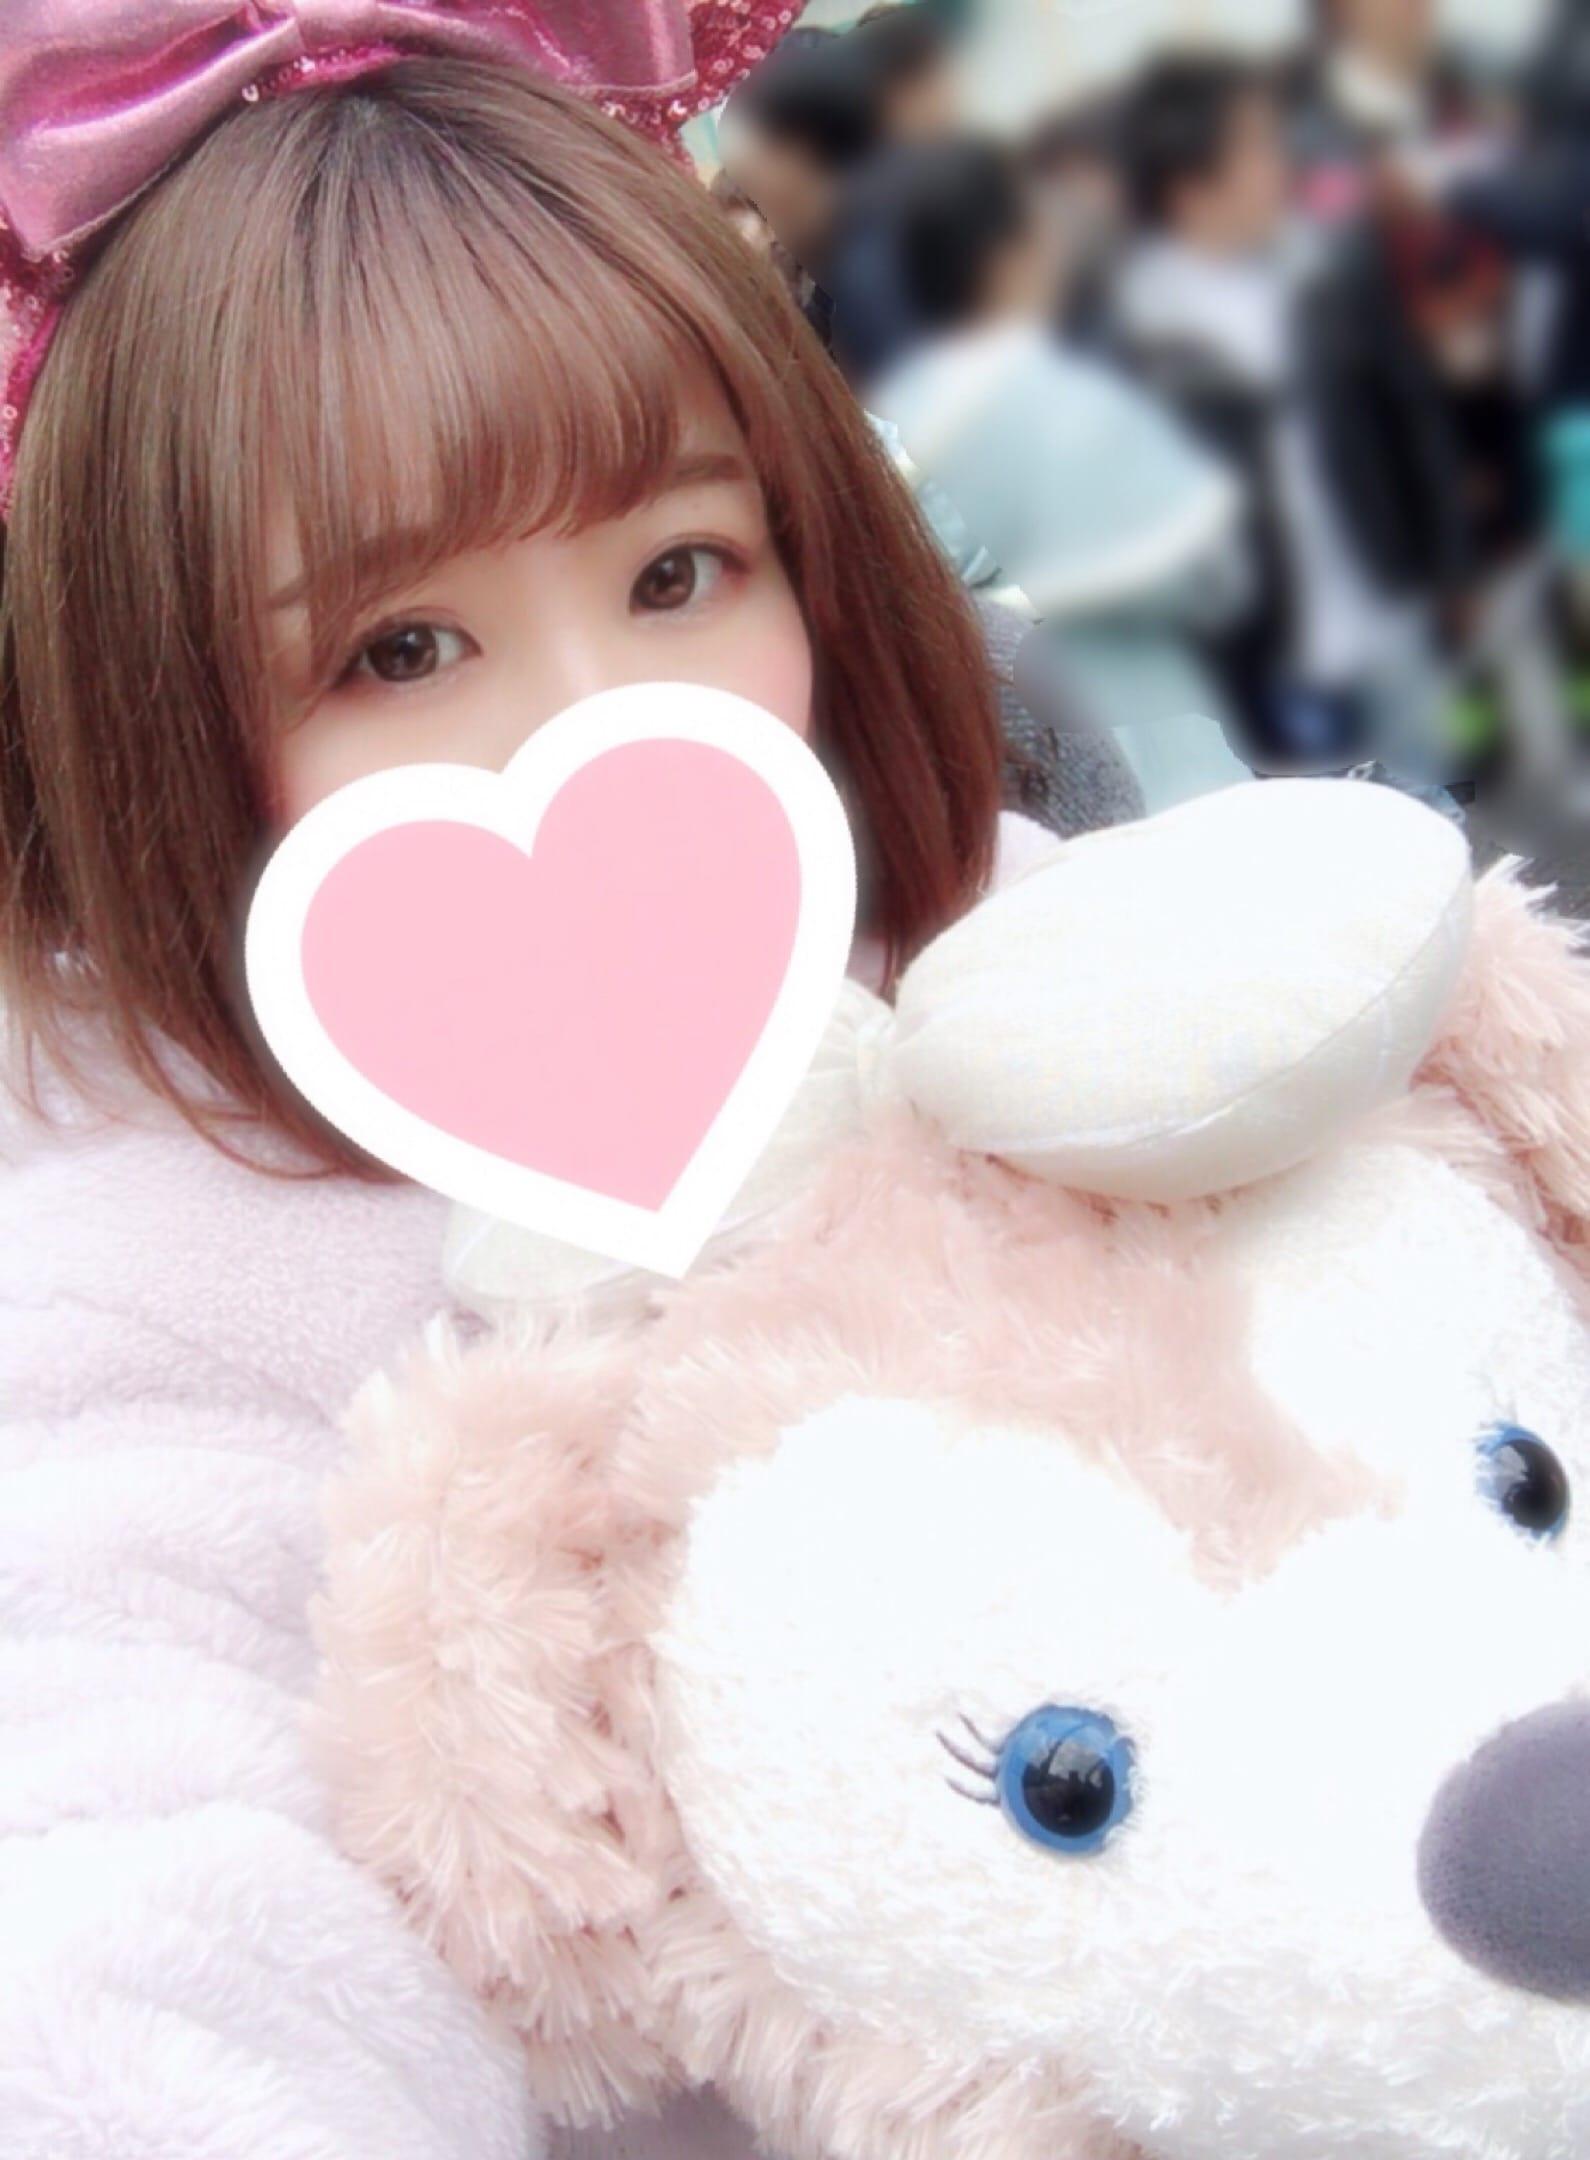 「ディズニー」03/08(03/08) 18:16 | みりあちゃんの写メ・風俗動画